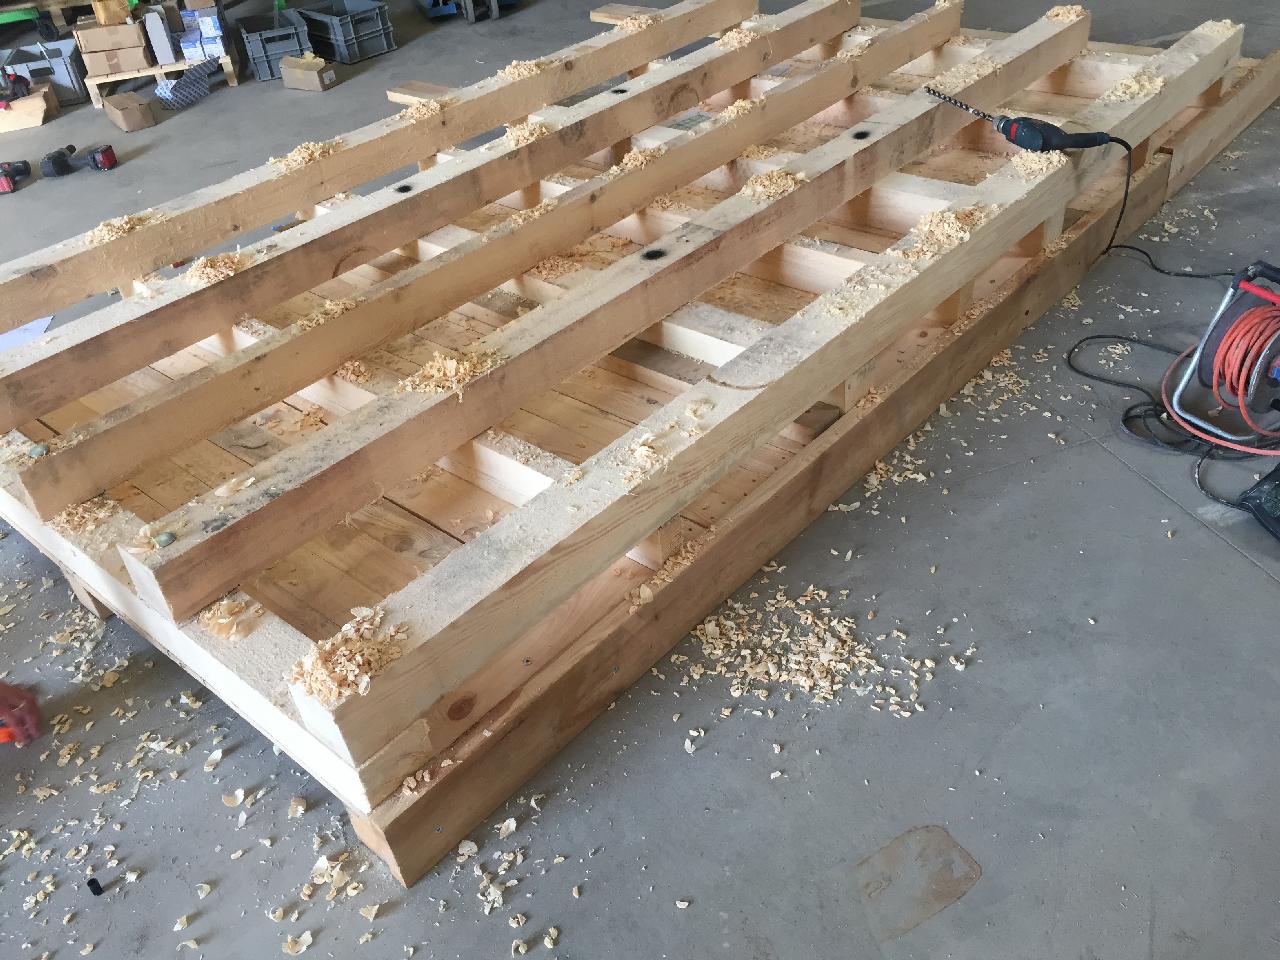 Schwerlasttransportpalette-aus-hitzebehandeltem-Holz